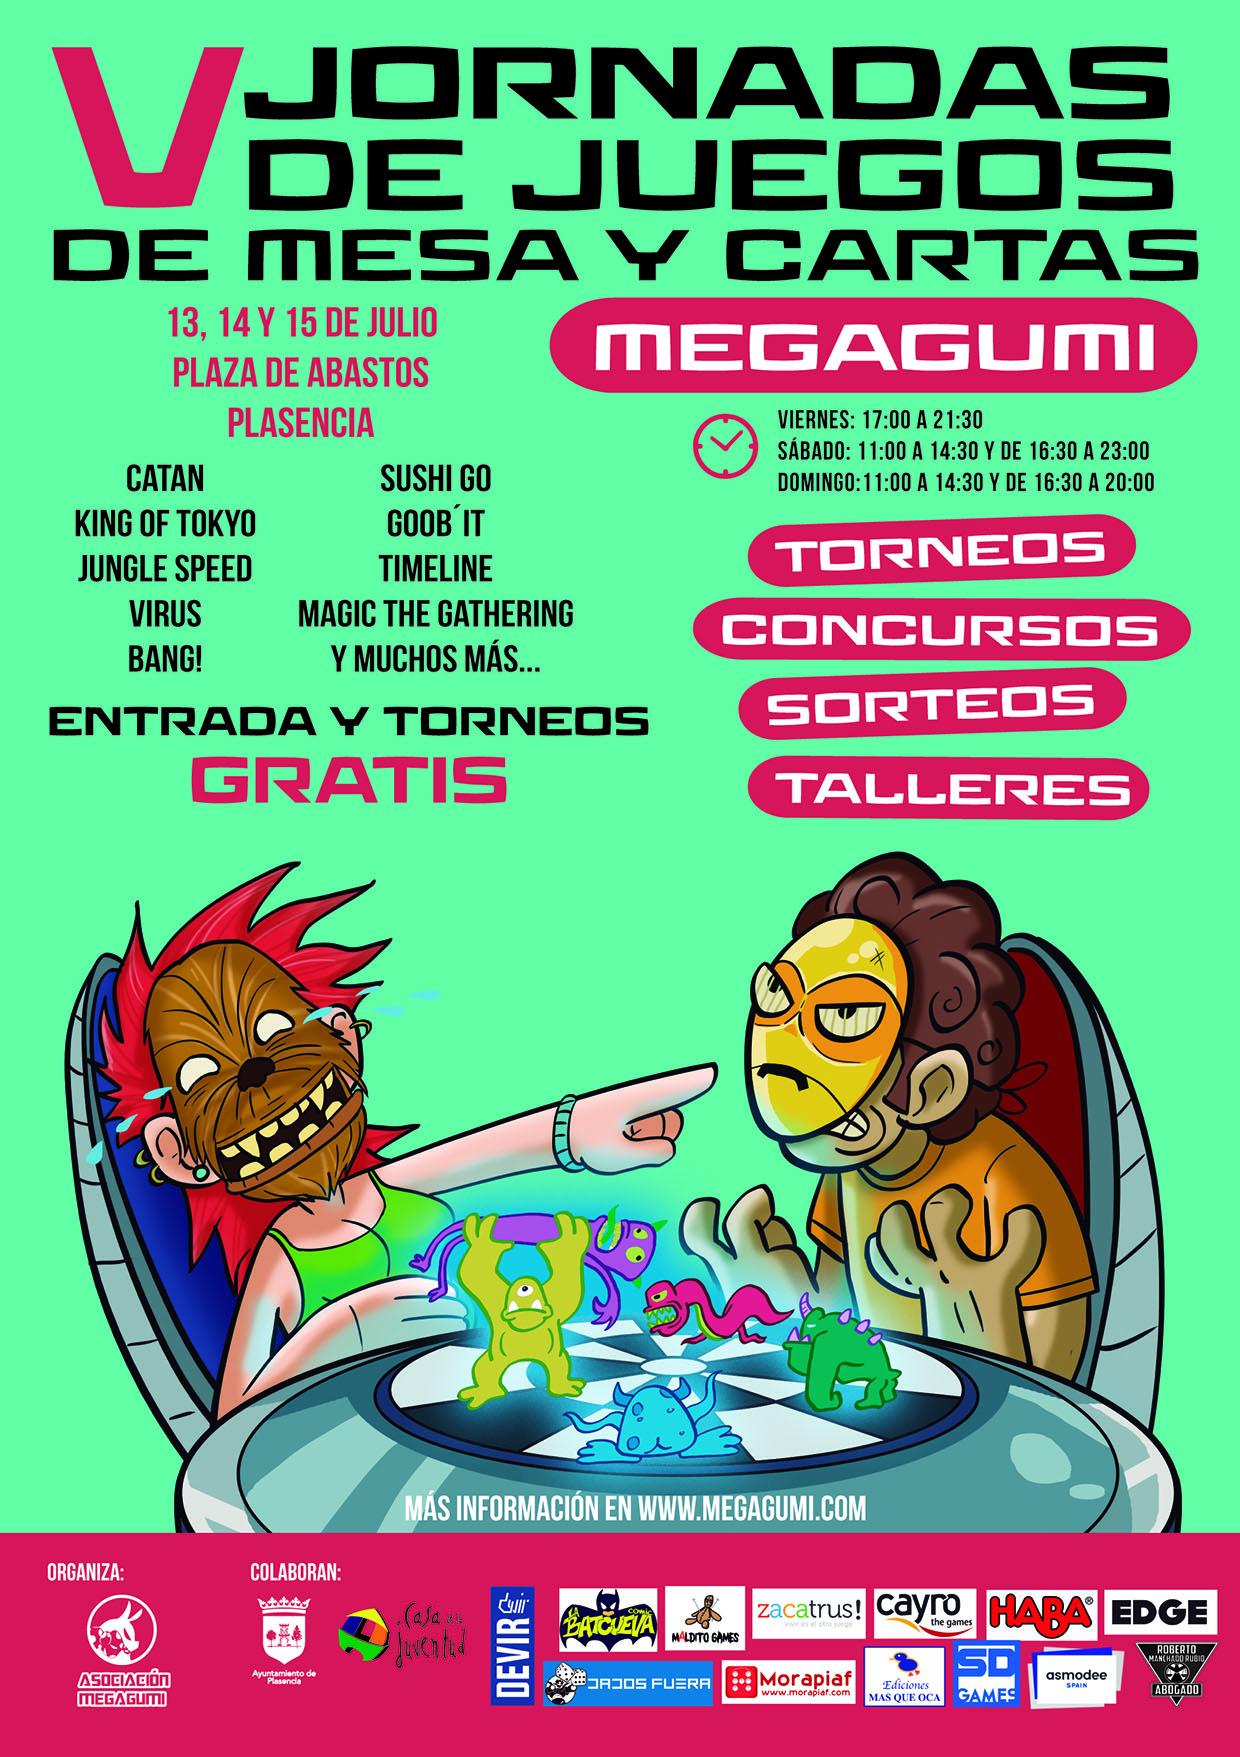 V Jornadas De Juegos De Mesa Y Cartas Megagumi Asociacion Mega Gumi